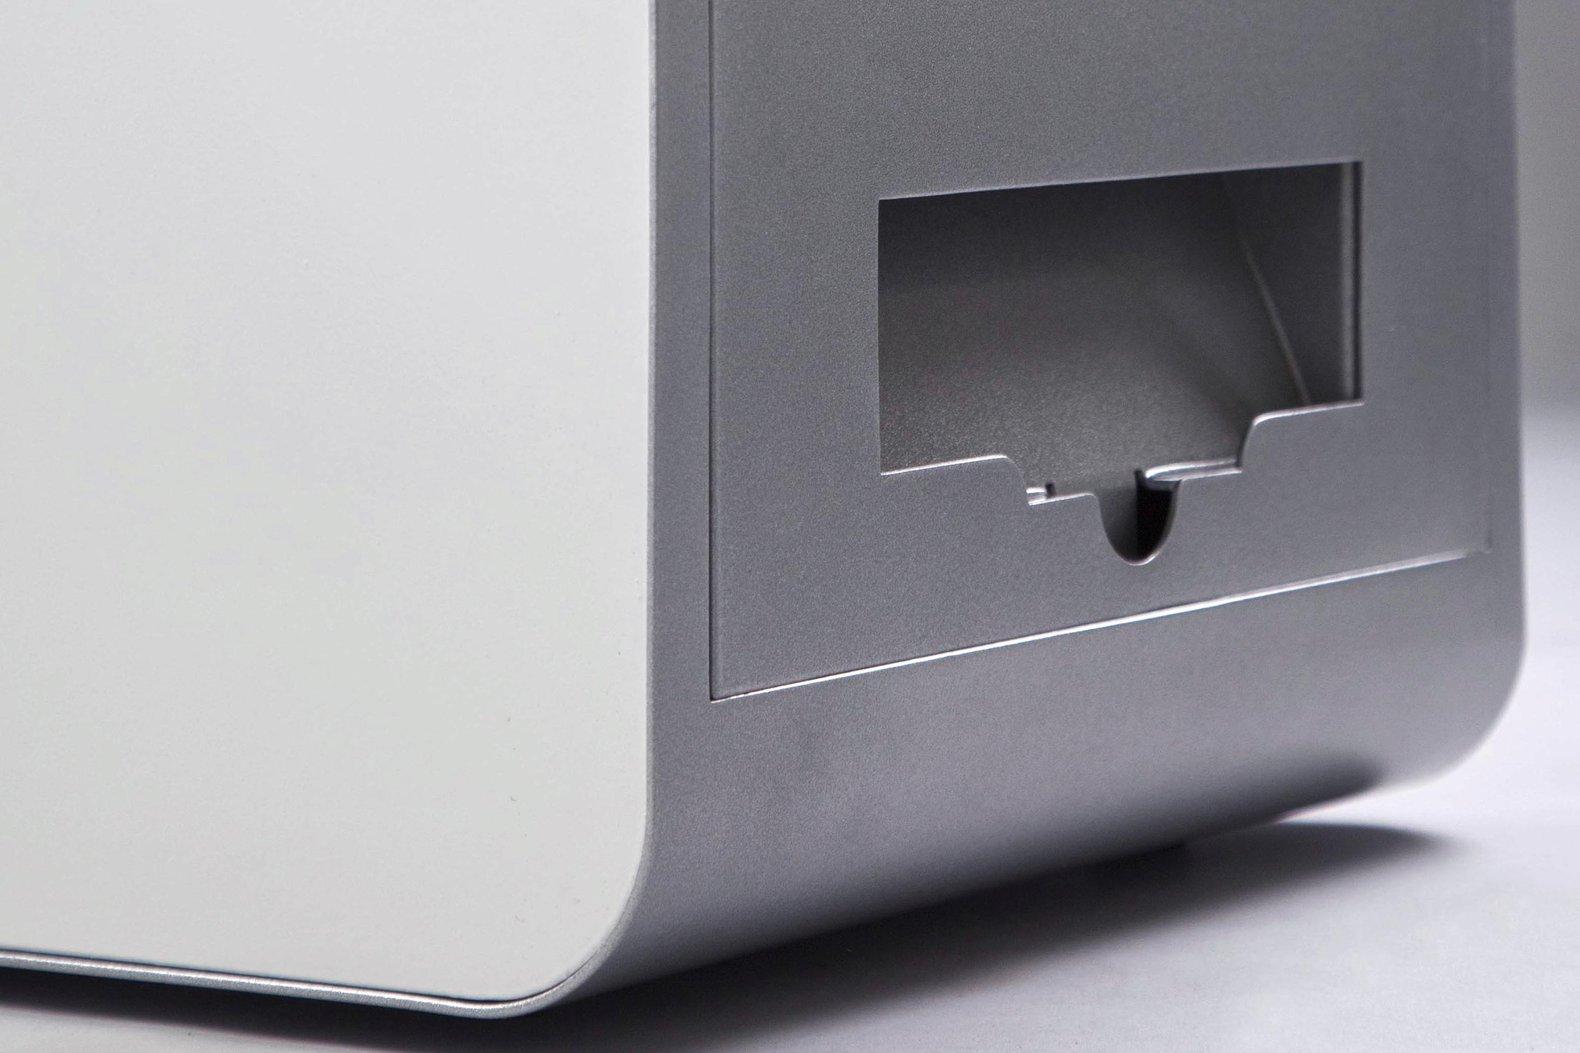 Snelle en professionele printer met hoge kwaliteit prints in een layout naar keuze.